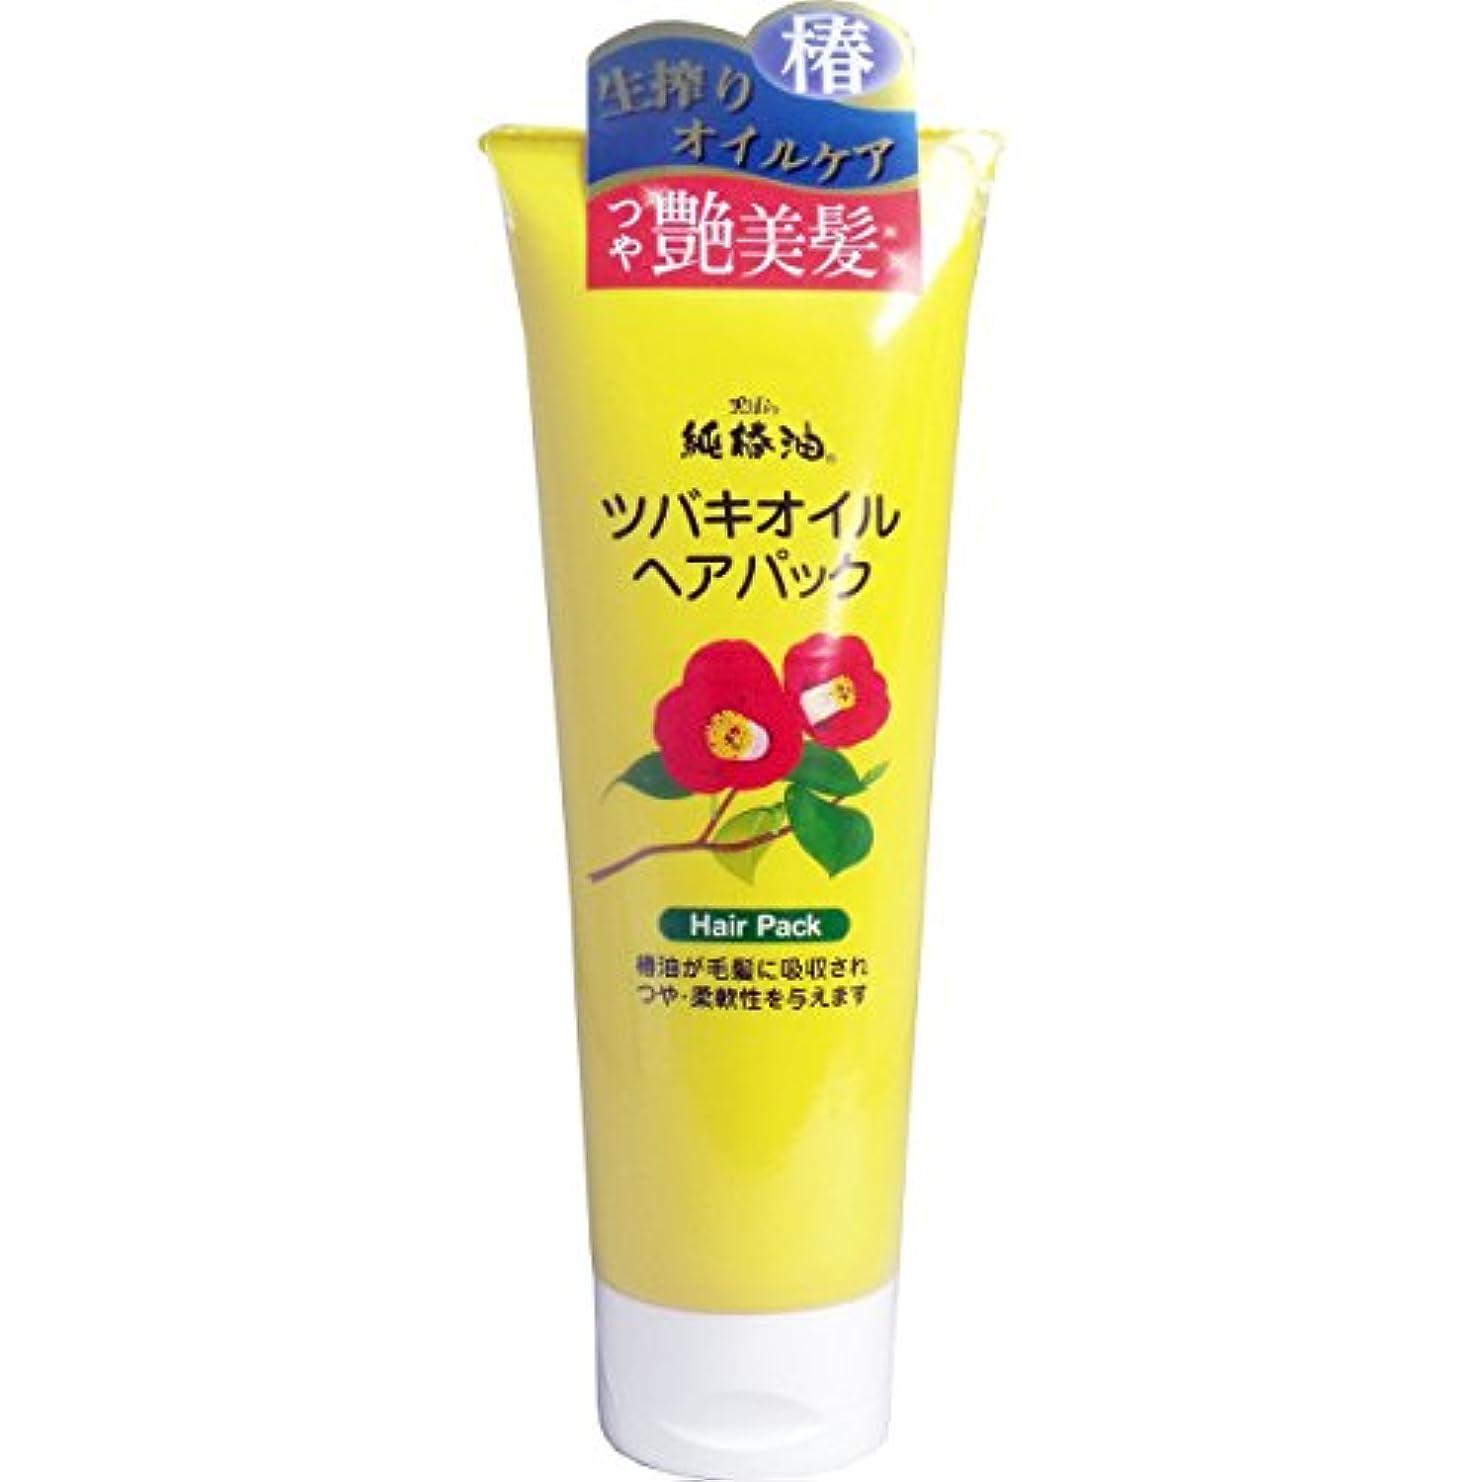 セラフ栄光雄弁な黒ばら 純椿油 ツバキオイルヘアパック 3セット